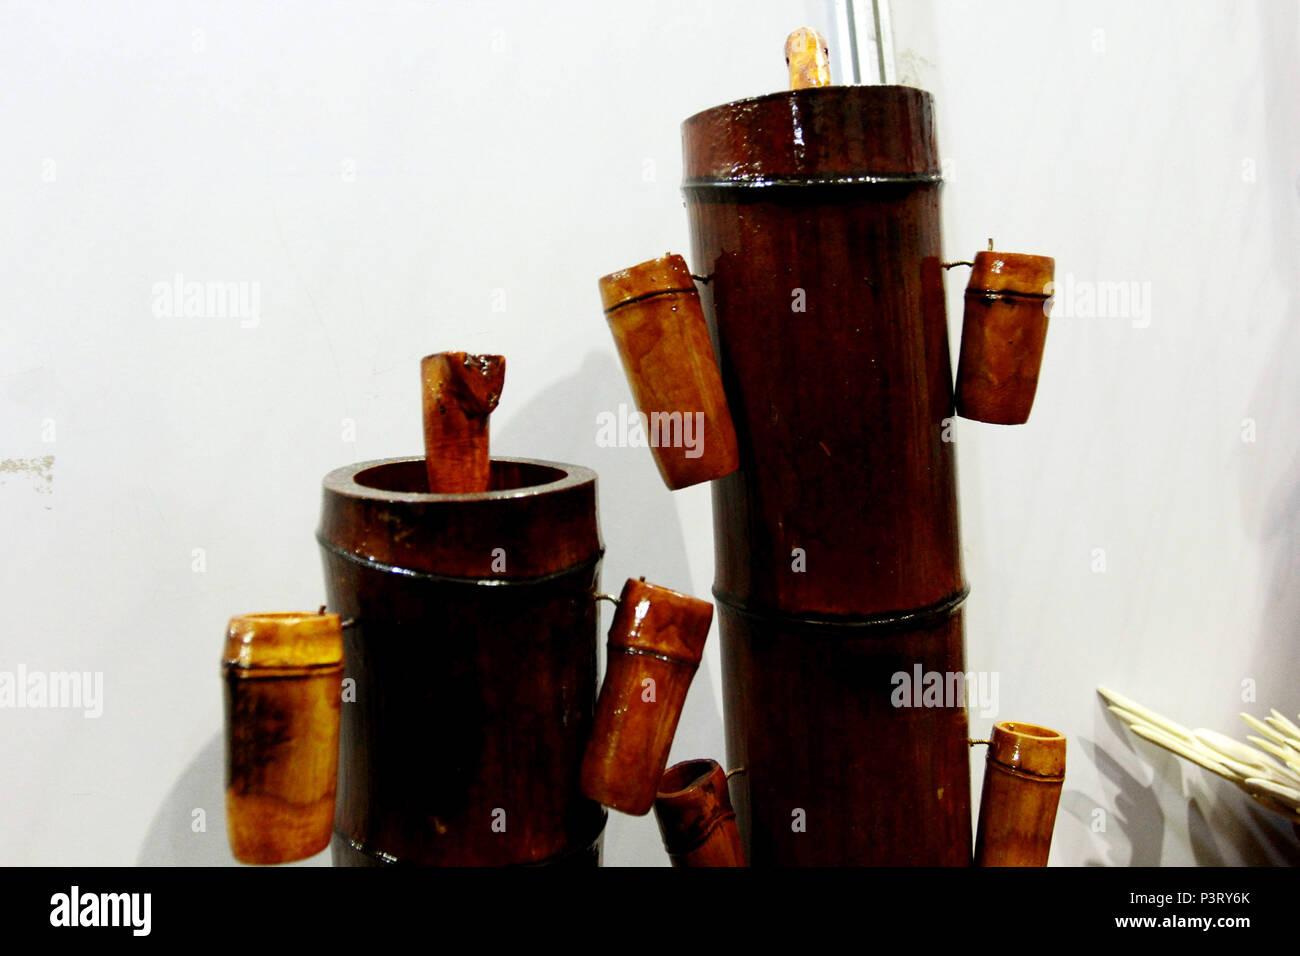 SÃO ROQUE, SP - 03.10.2015: UTENSILIOS DE BAMBÚ - Utensilios feitos a partir de bambú. Alambique e copos de bambú. (Foto: Aloisio Mauricio / Fotoarena) Foto de stock